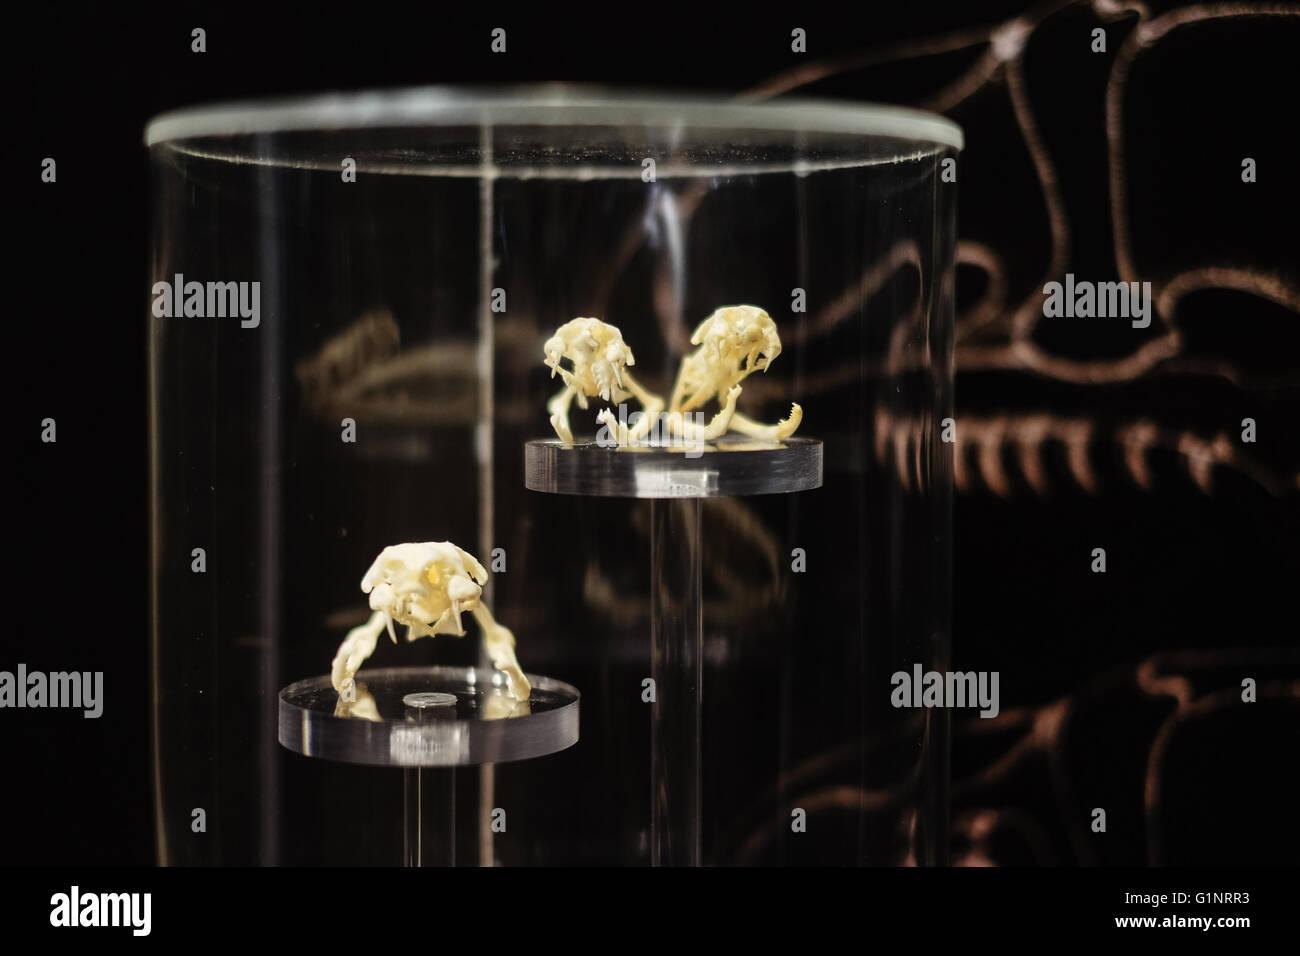 Bangkok, Thaïlande. 17 mai, 2016. Les spécimens de crânes de serpent sont exposées au Queen Saovabha Memorial Institute's snake museum à Bangkok, Thaïlande, le 17 mai 2016. Fondée en 1922, la Reine Saovabha Memorial Institute est un organisme de recherche majeur en Thaïlande qui se spécialise dans la rage et les toxines animales. À l'institute's snake museum, les visiteurs pourront voir des dizaines de non-venimeux serpent venimeux et races ainsi qu'apprendre les traitements d'urgence pour les morsures de serpent. © Li Mangmang/Xinhua/Alamy Live News Banque D'Images